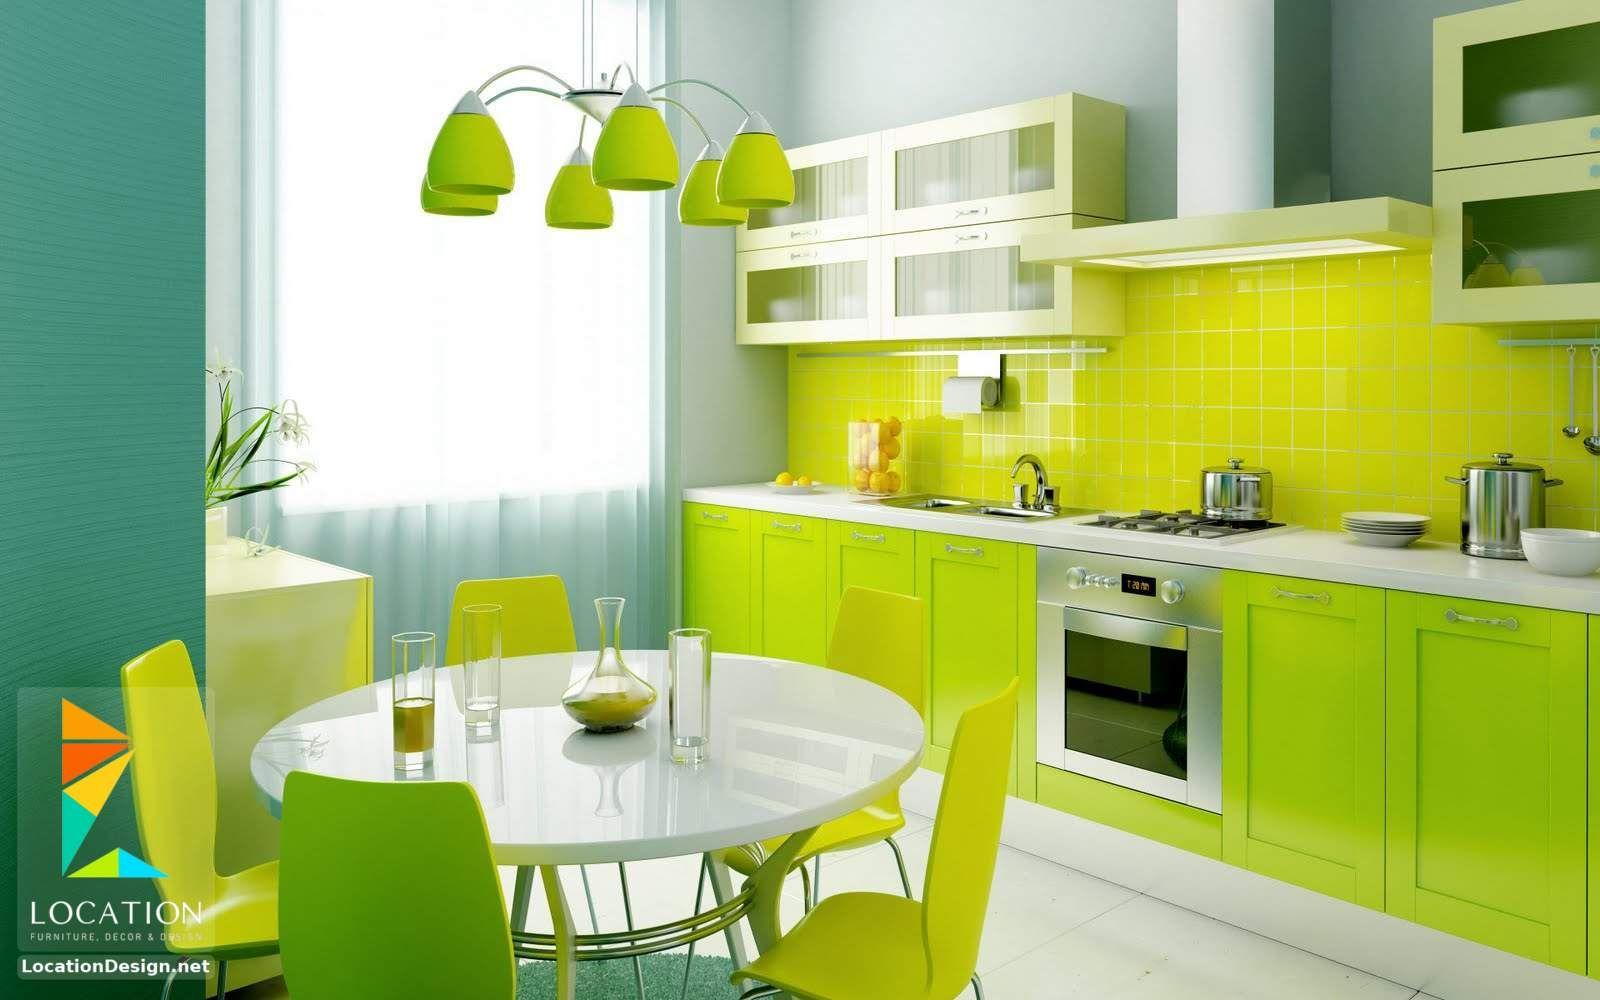 كتالوج الوان مطابخ صغيرة 2018 2019 لوكشين ديزين نت Green Kitchen Designs Interior Design Kitchen Yellow Kitchen Designs